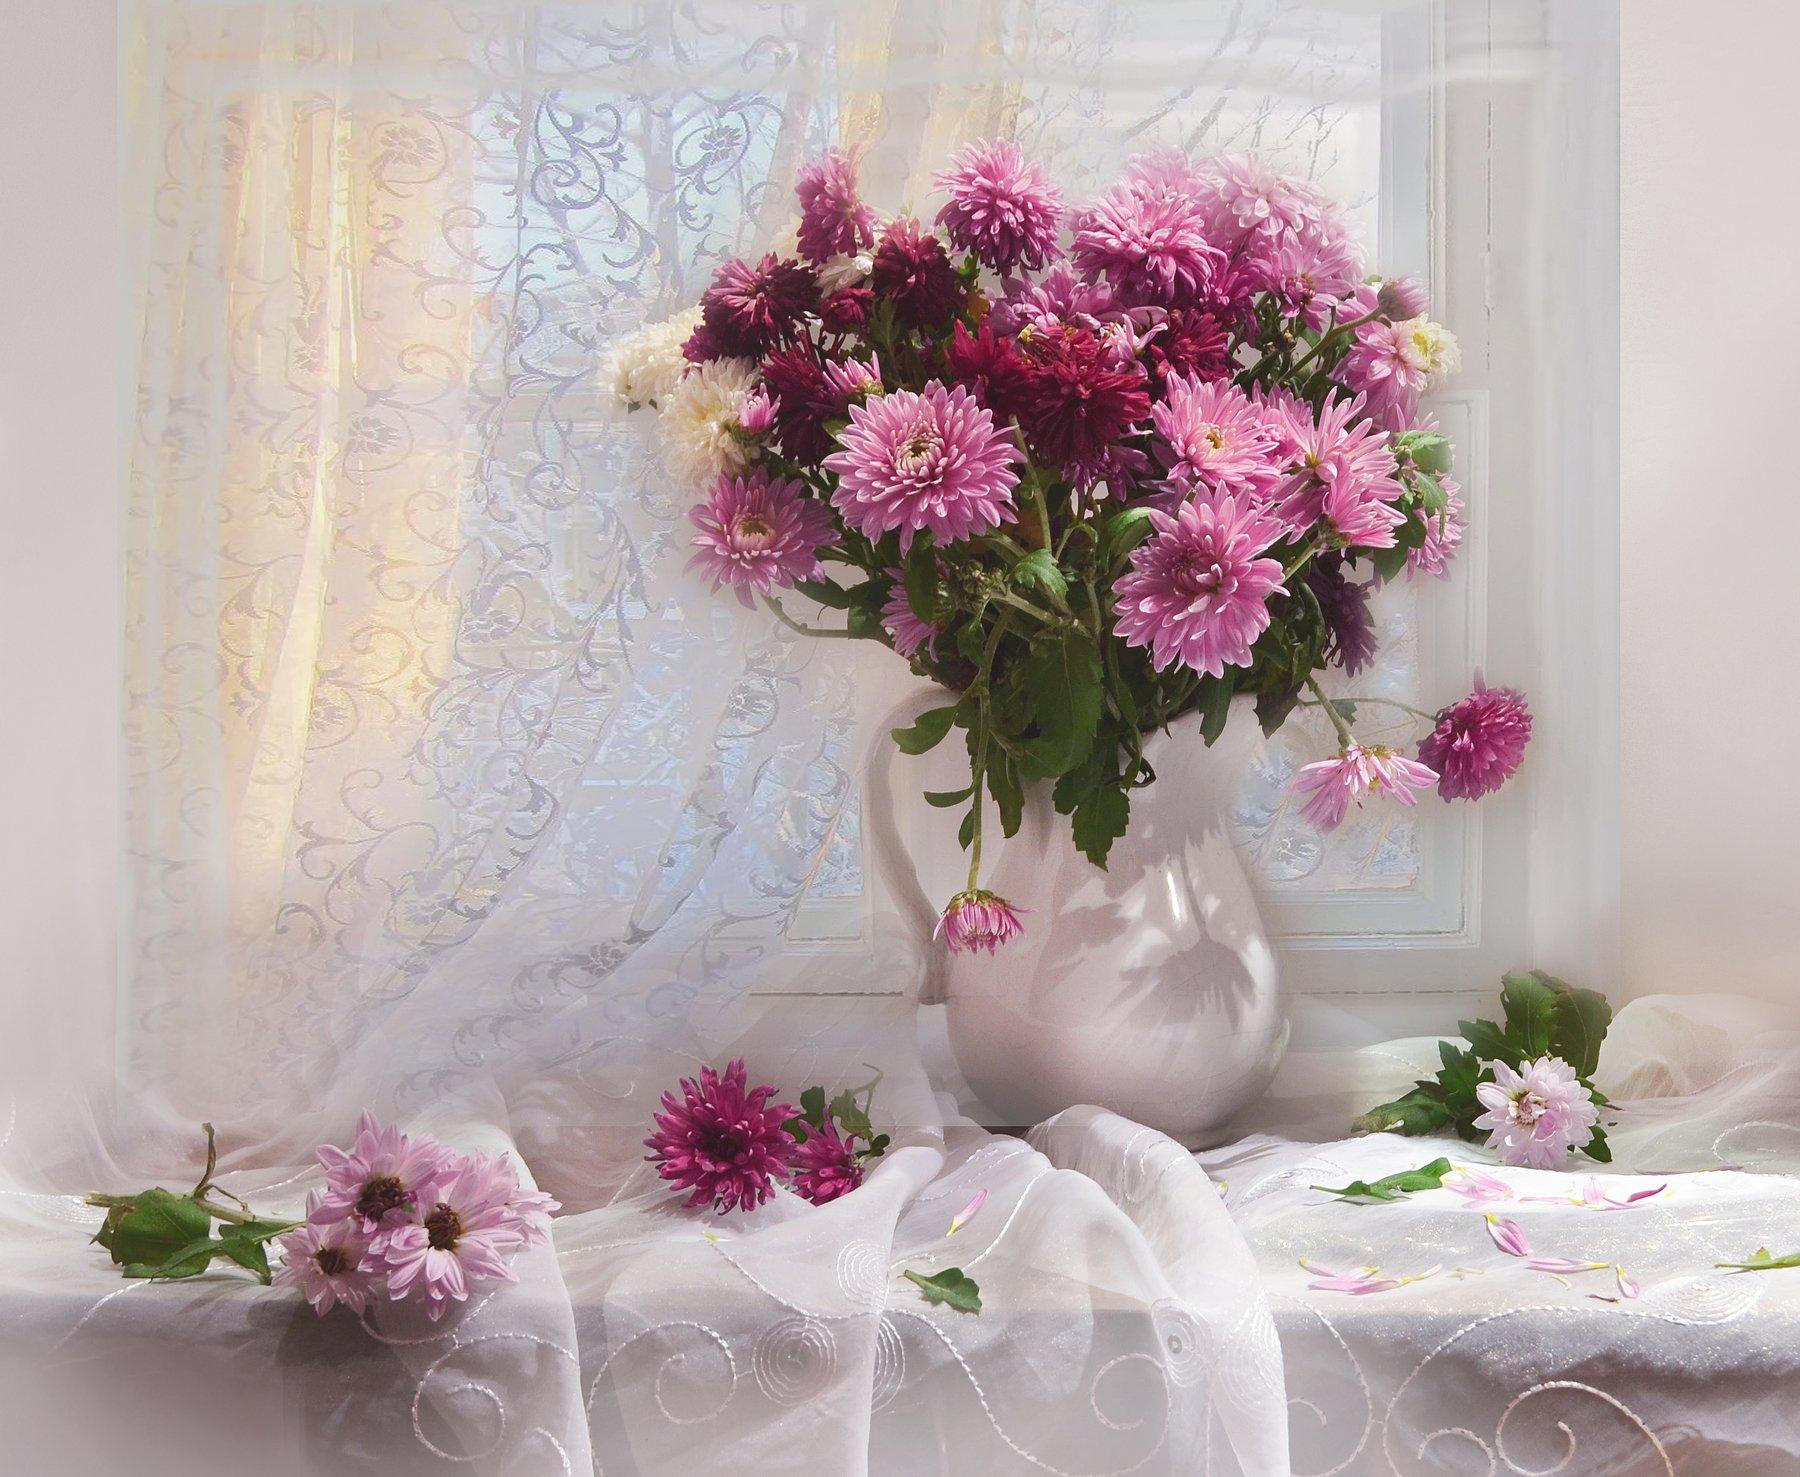 still life,натюрморт,фото натюрморт,осень, ноябрь, хризантемы, цветы,предзимье, Колова Валентина